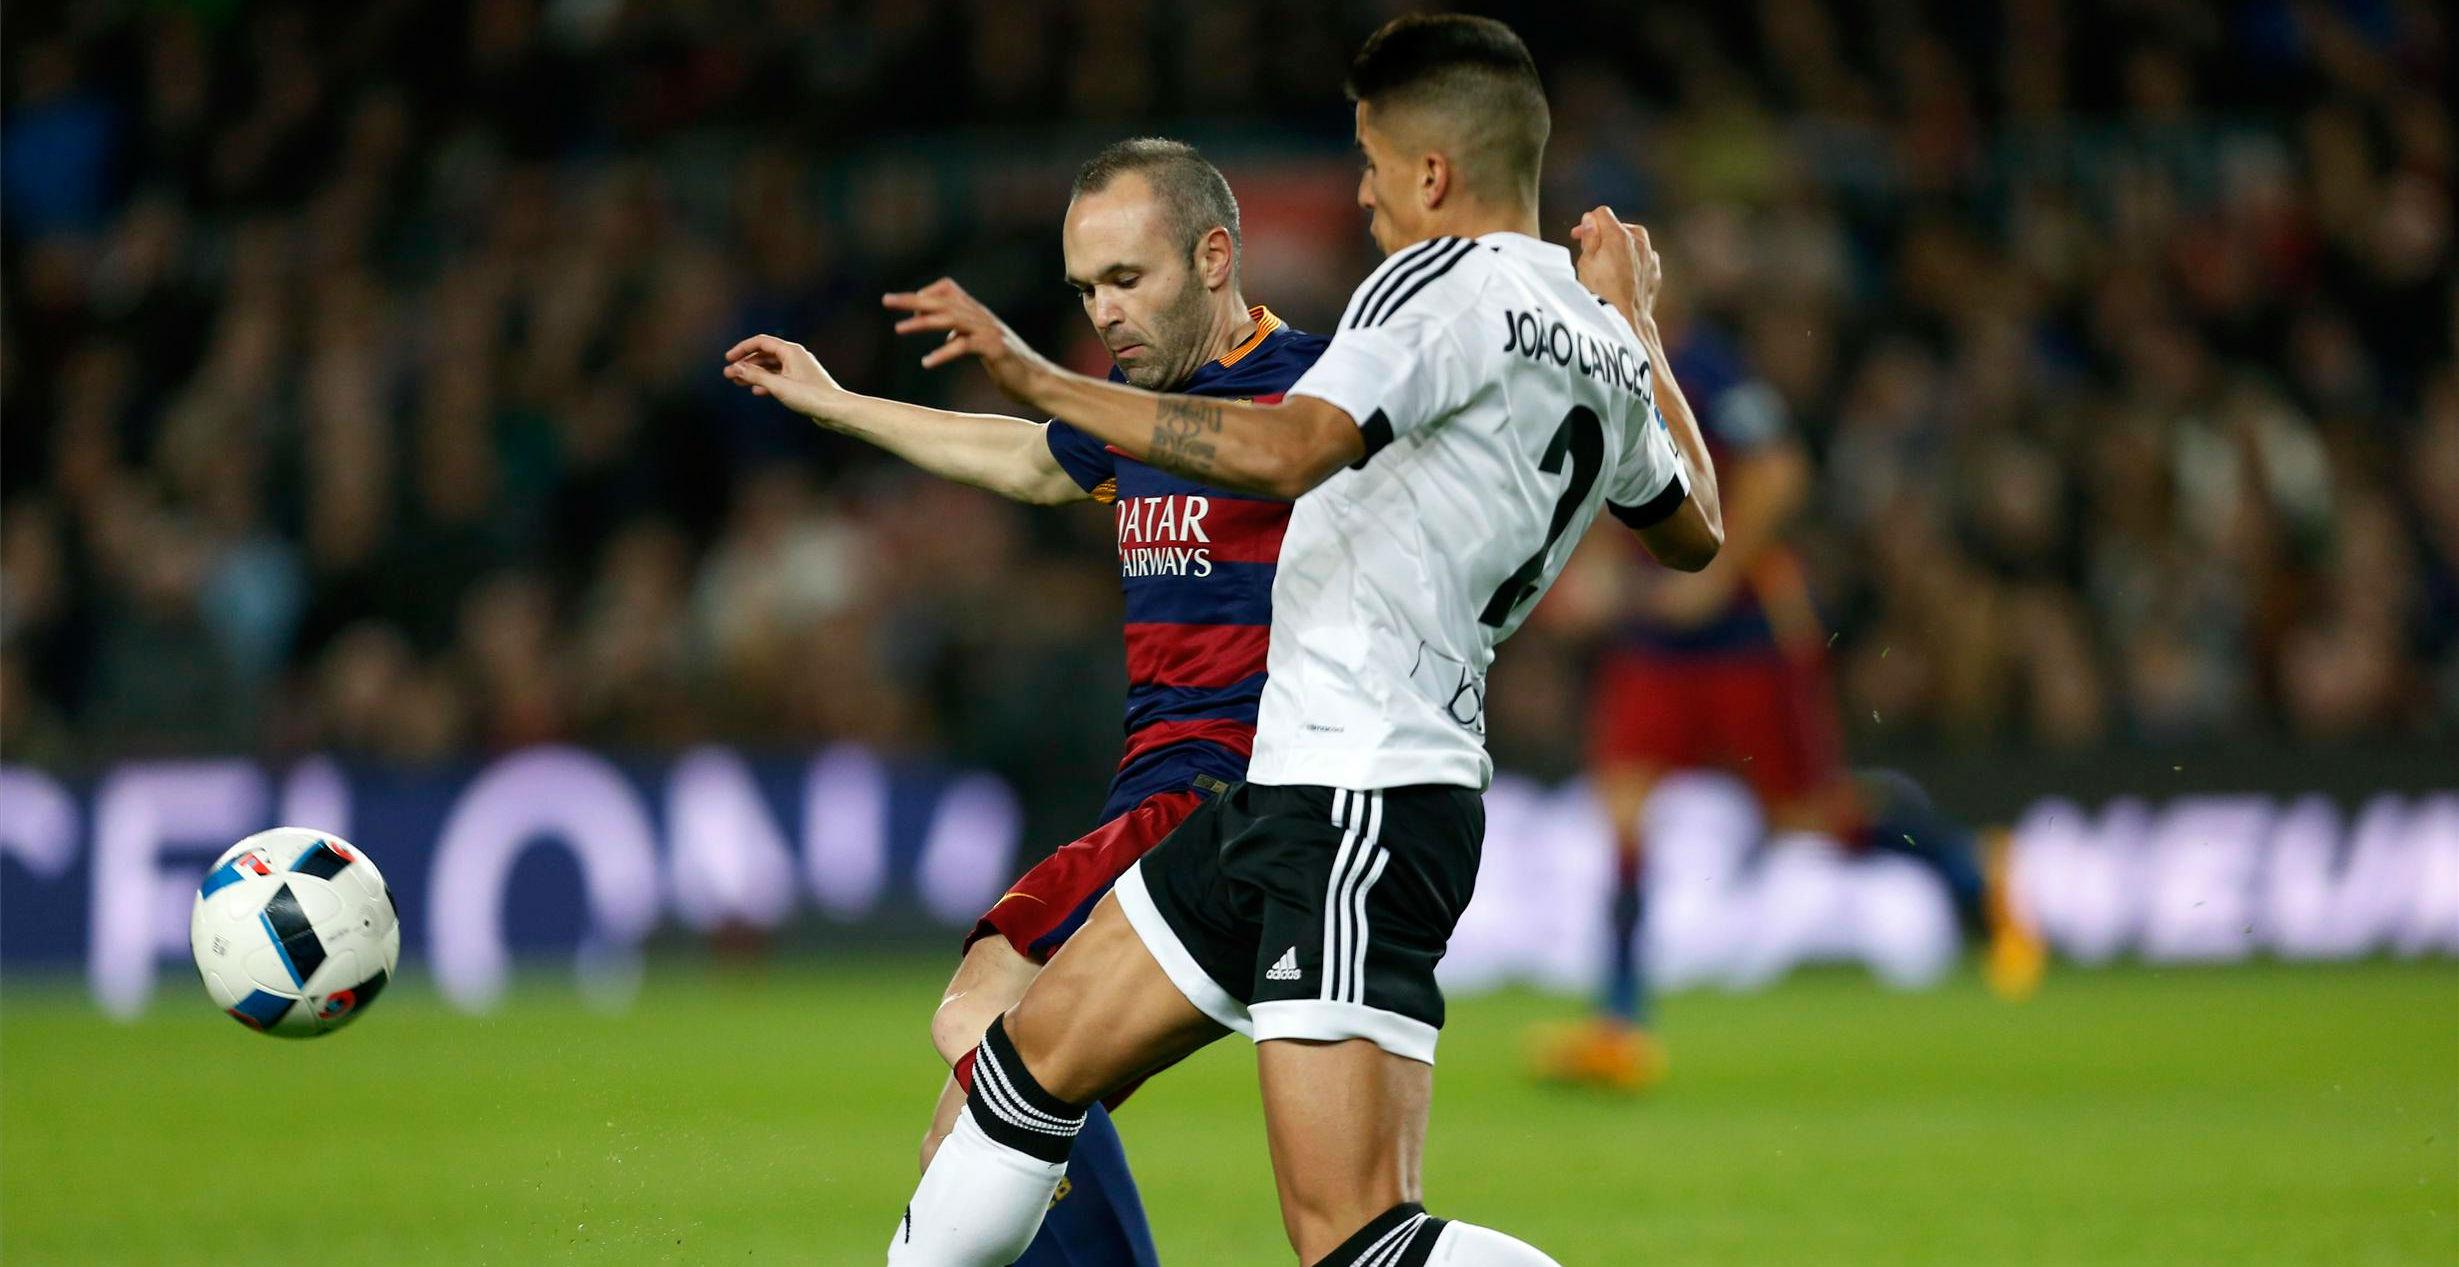 Así juega Joao Cancelo, el lateral que interesa al Barça